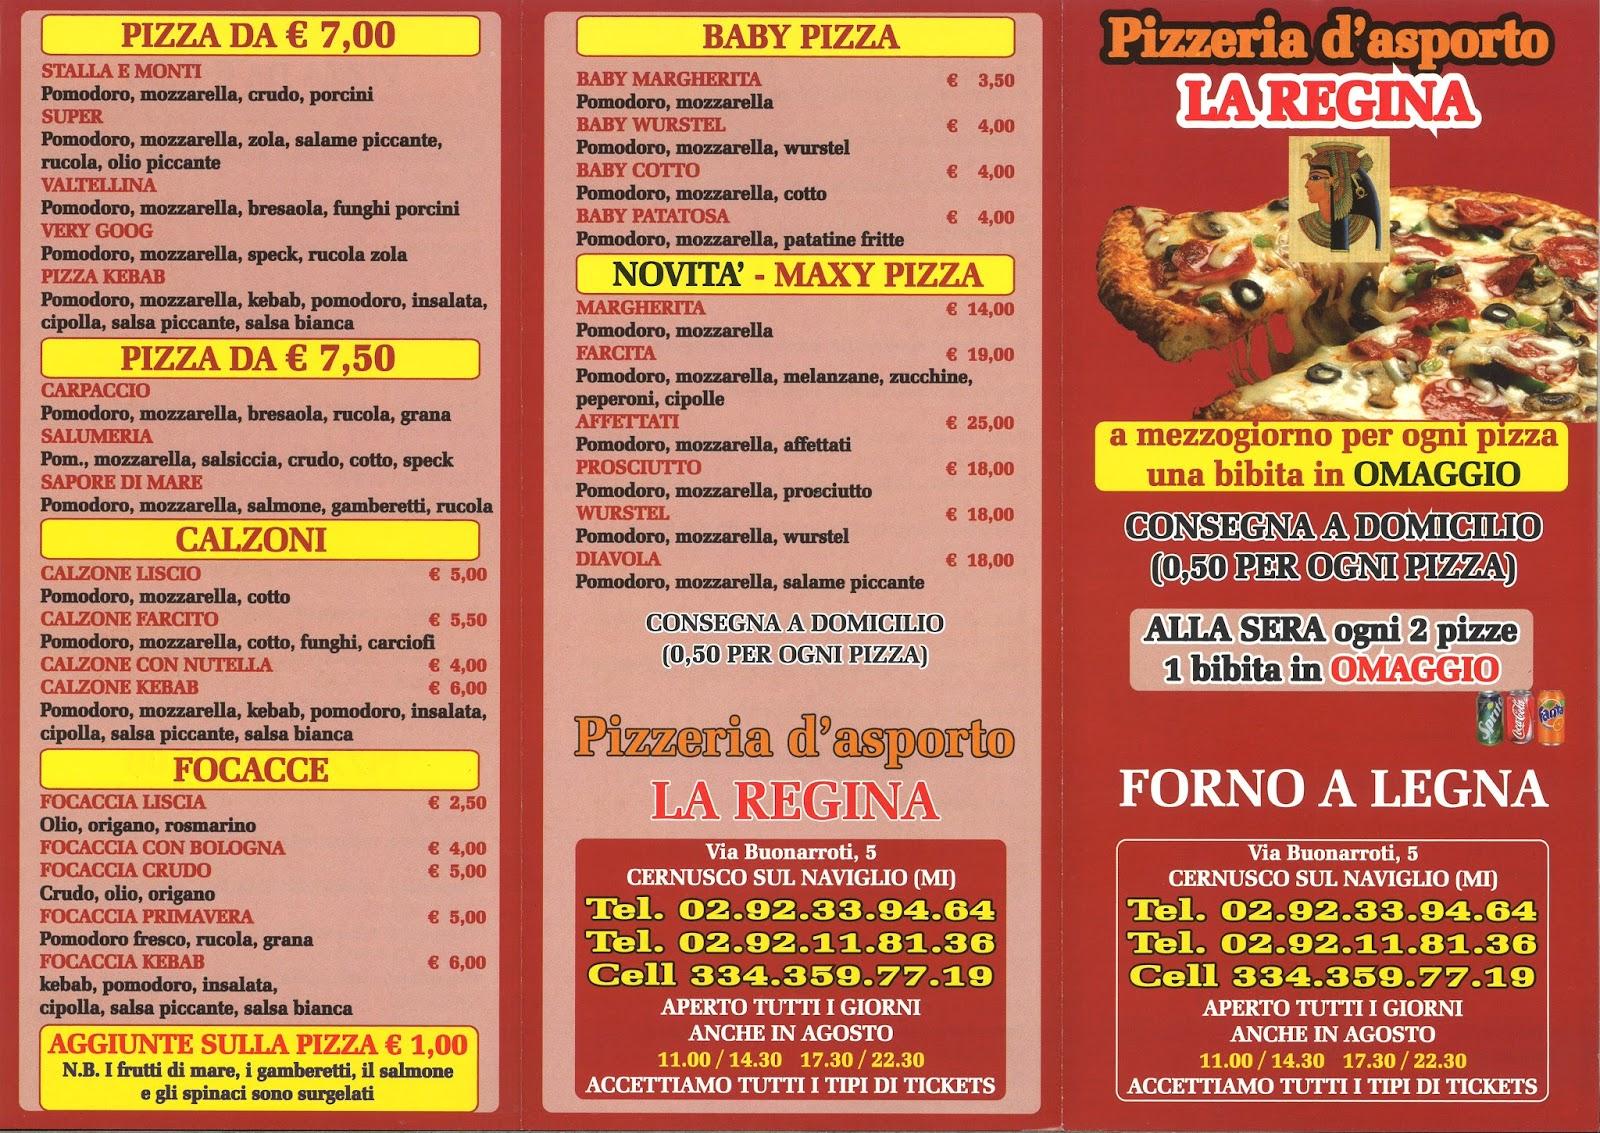 Menu e prezzi marzo 2016 for Pizza pizzeria